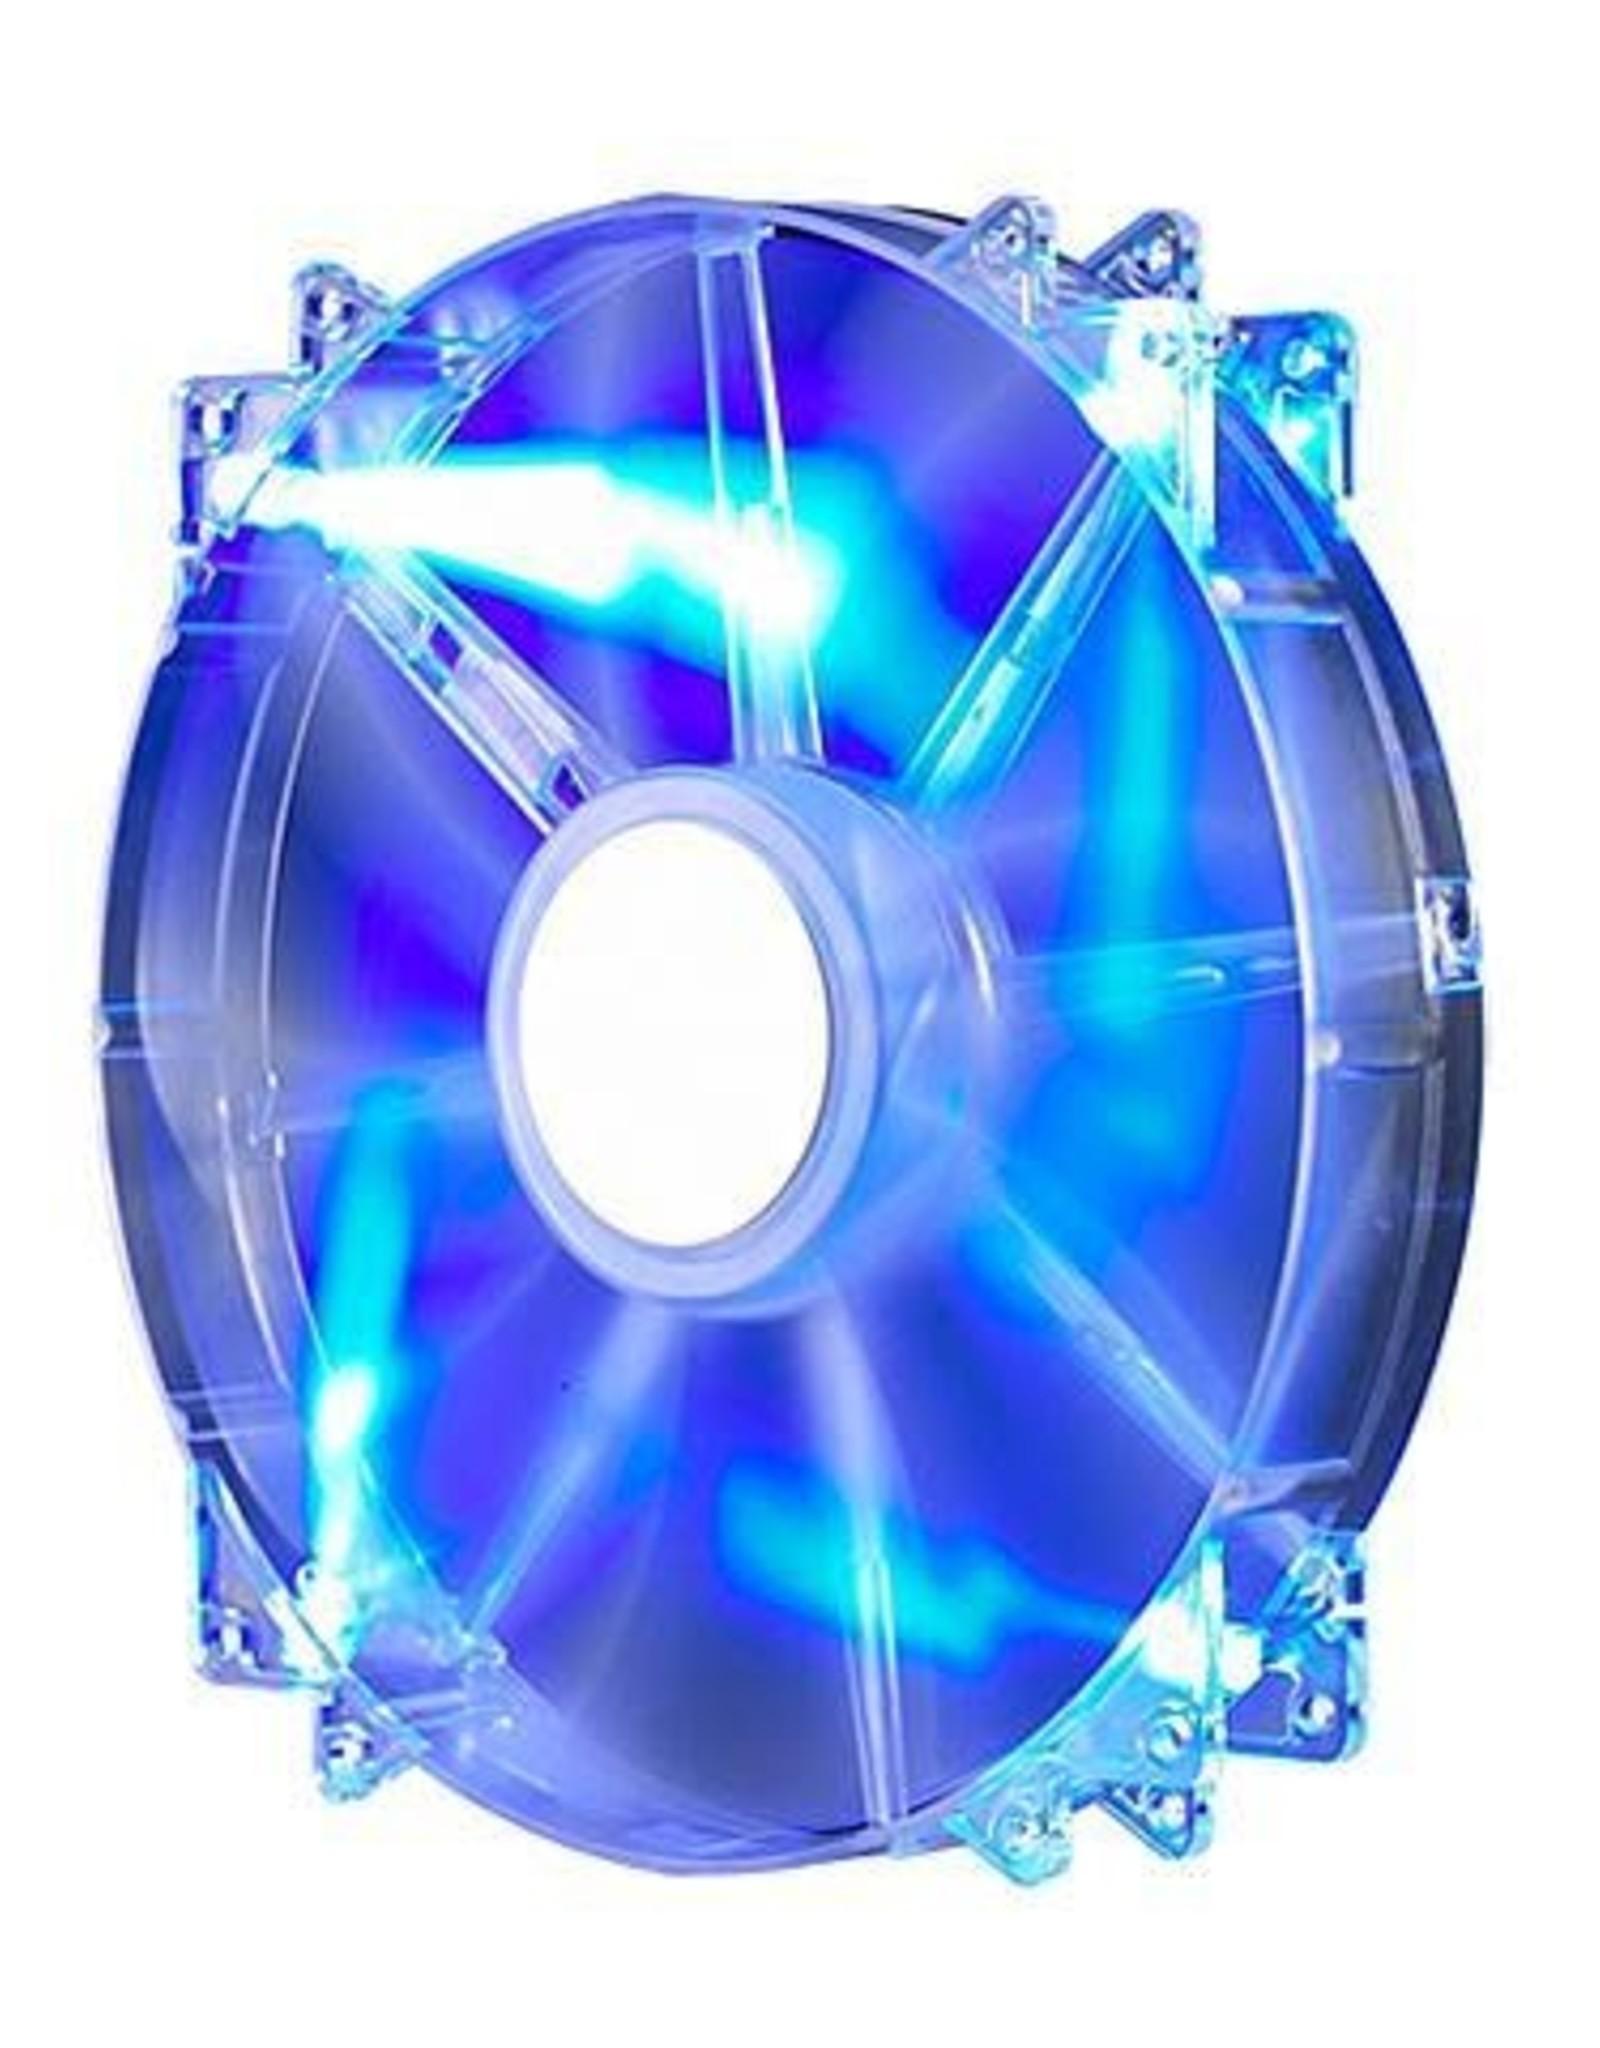 Cooler Master Coolermaster   200mm Blue LED Fan R4-LUS-07AB-GP